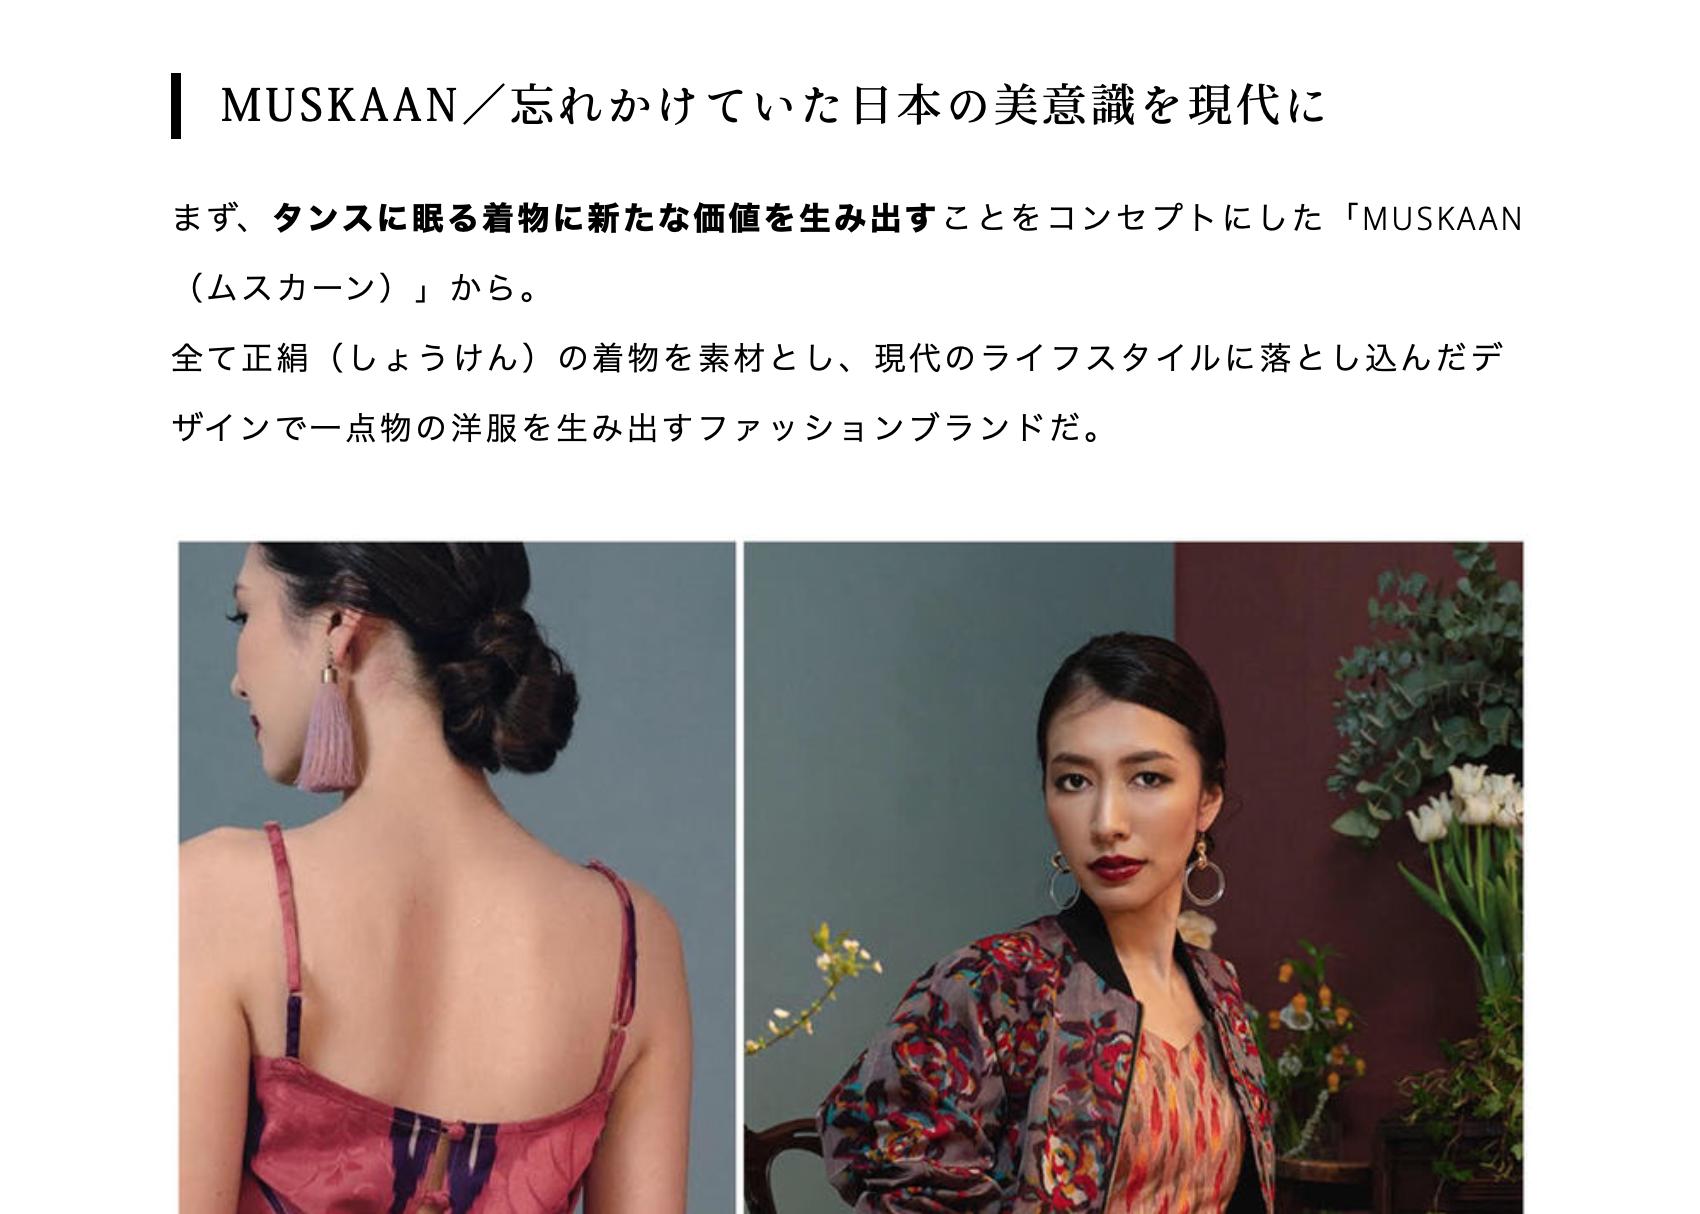 【WEBメディア掲載】ハッケン!ジャパン